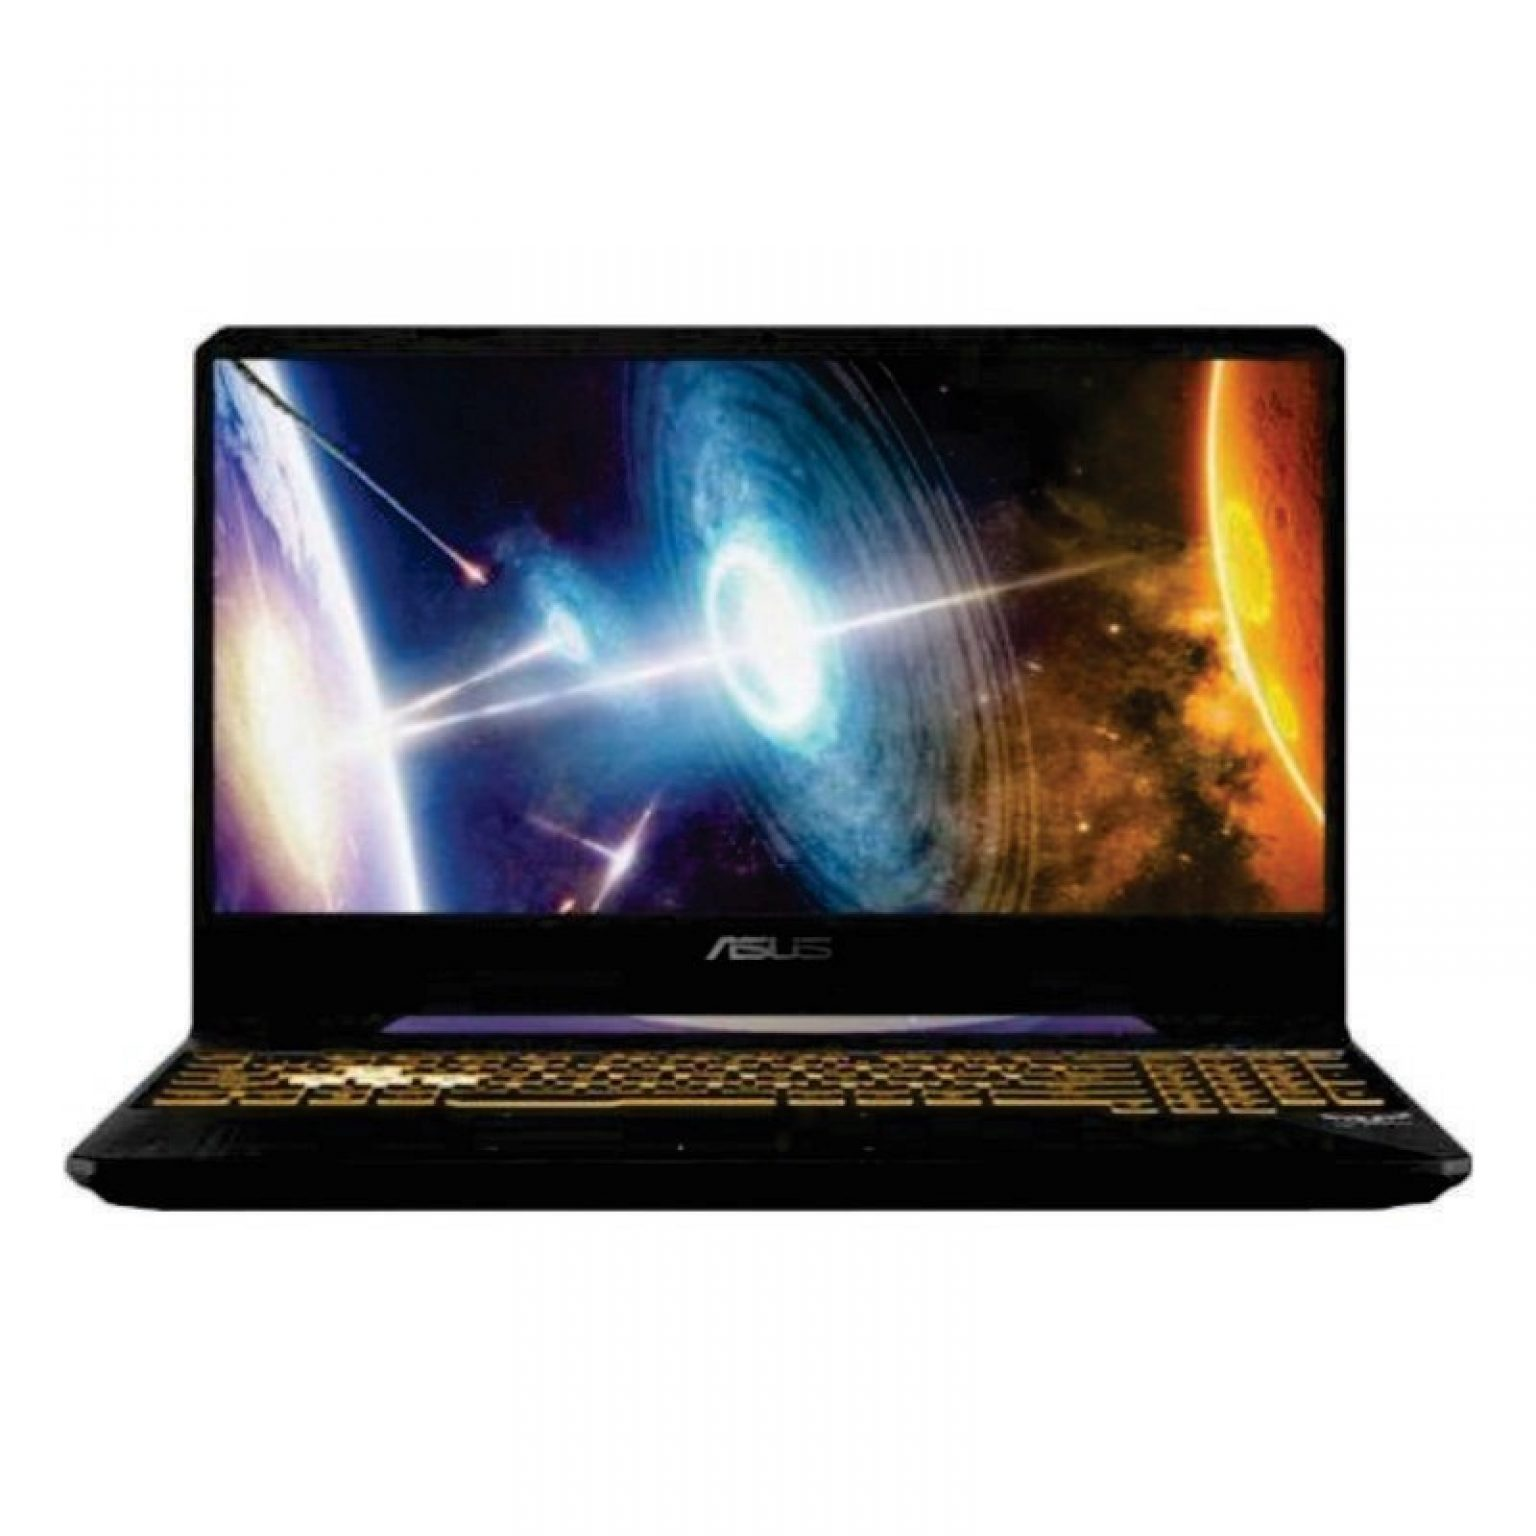 ASUS - TUF Gaming FX505DT-R7586T (R7-3750H/8GB RAM/1TB HDD/GTX1650 4GB/Win10SL/Gold Steel)